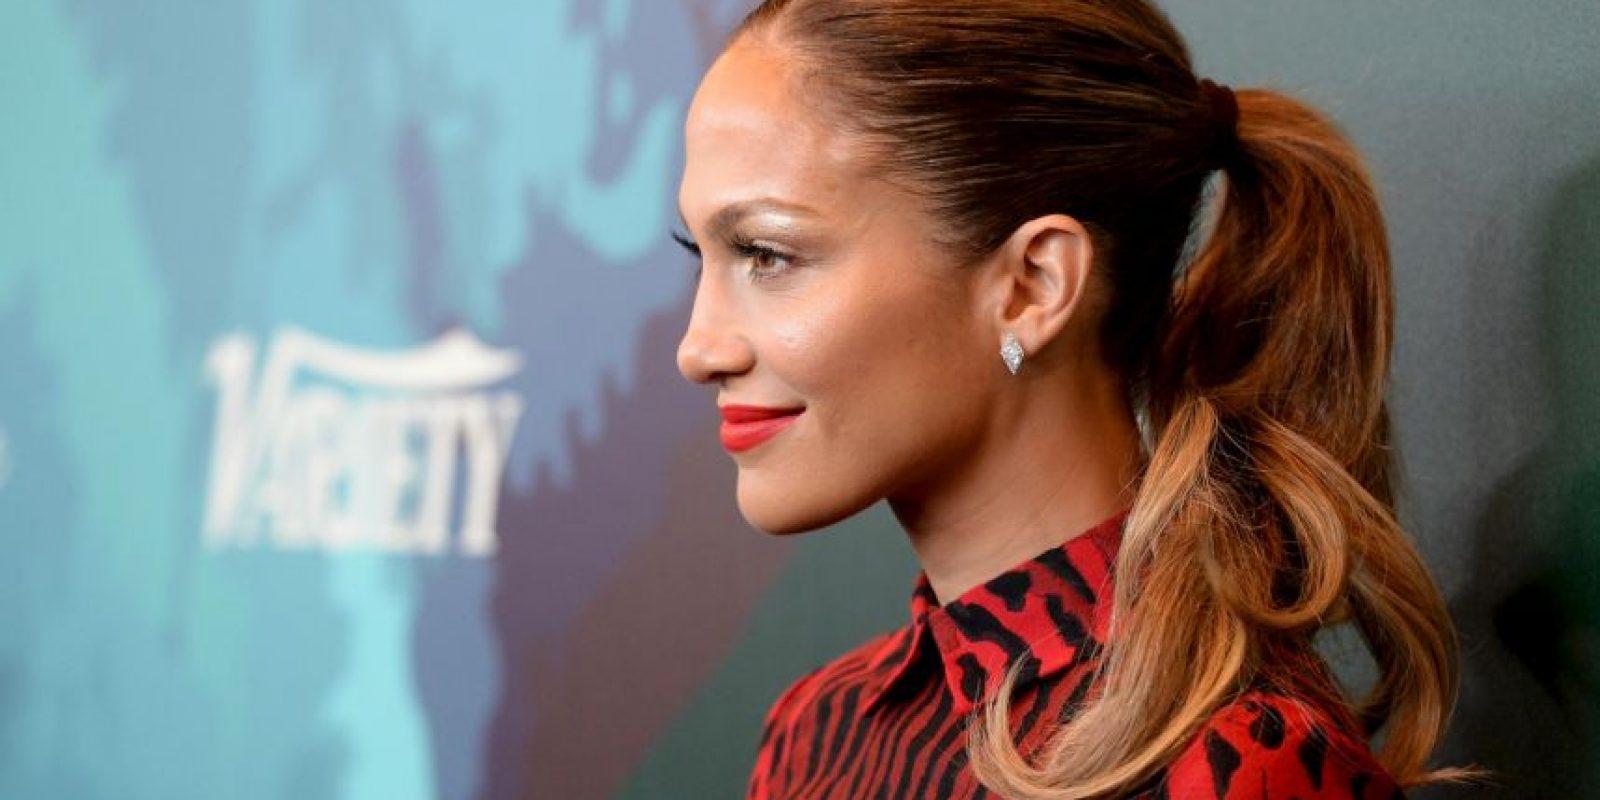 Lopez sufrió problemas legales durante dicho matrimonio, llegando a presentar una demanda respecto a Noa Foto:Getty Images